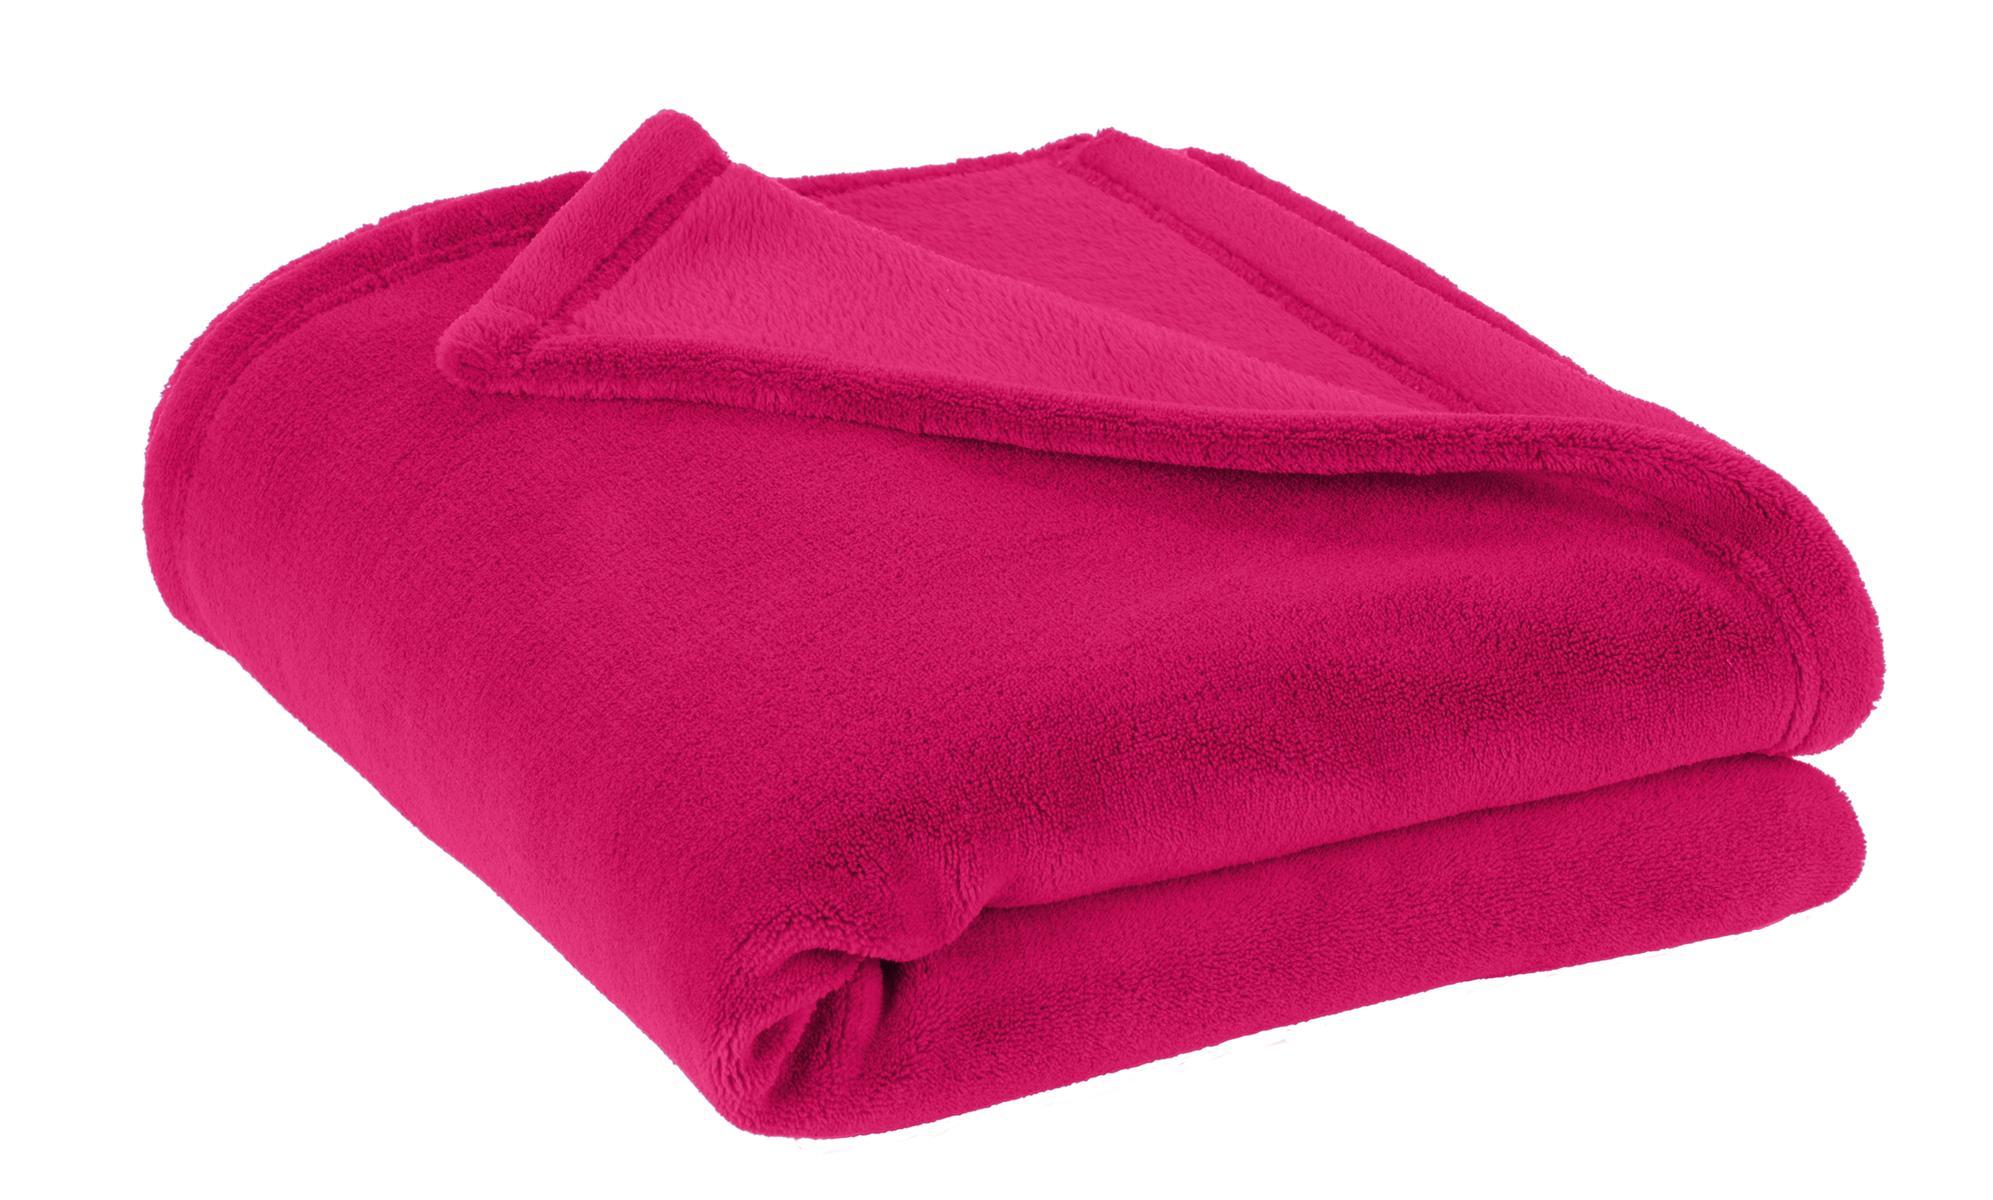 Warm blanket clipart.